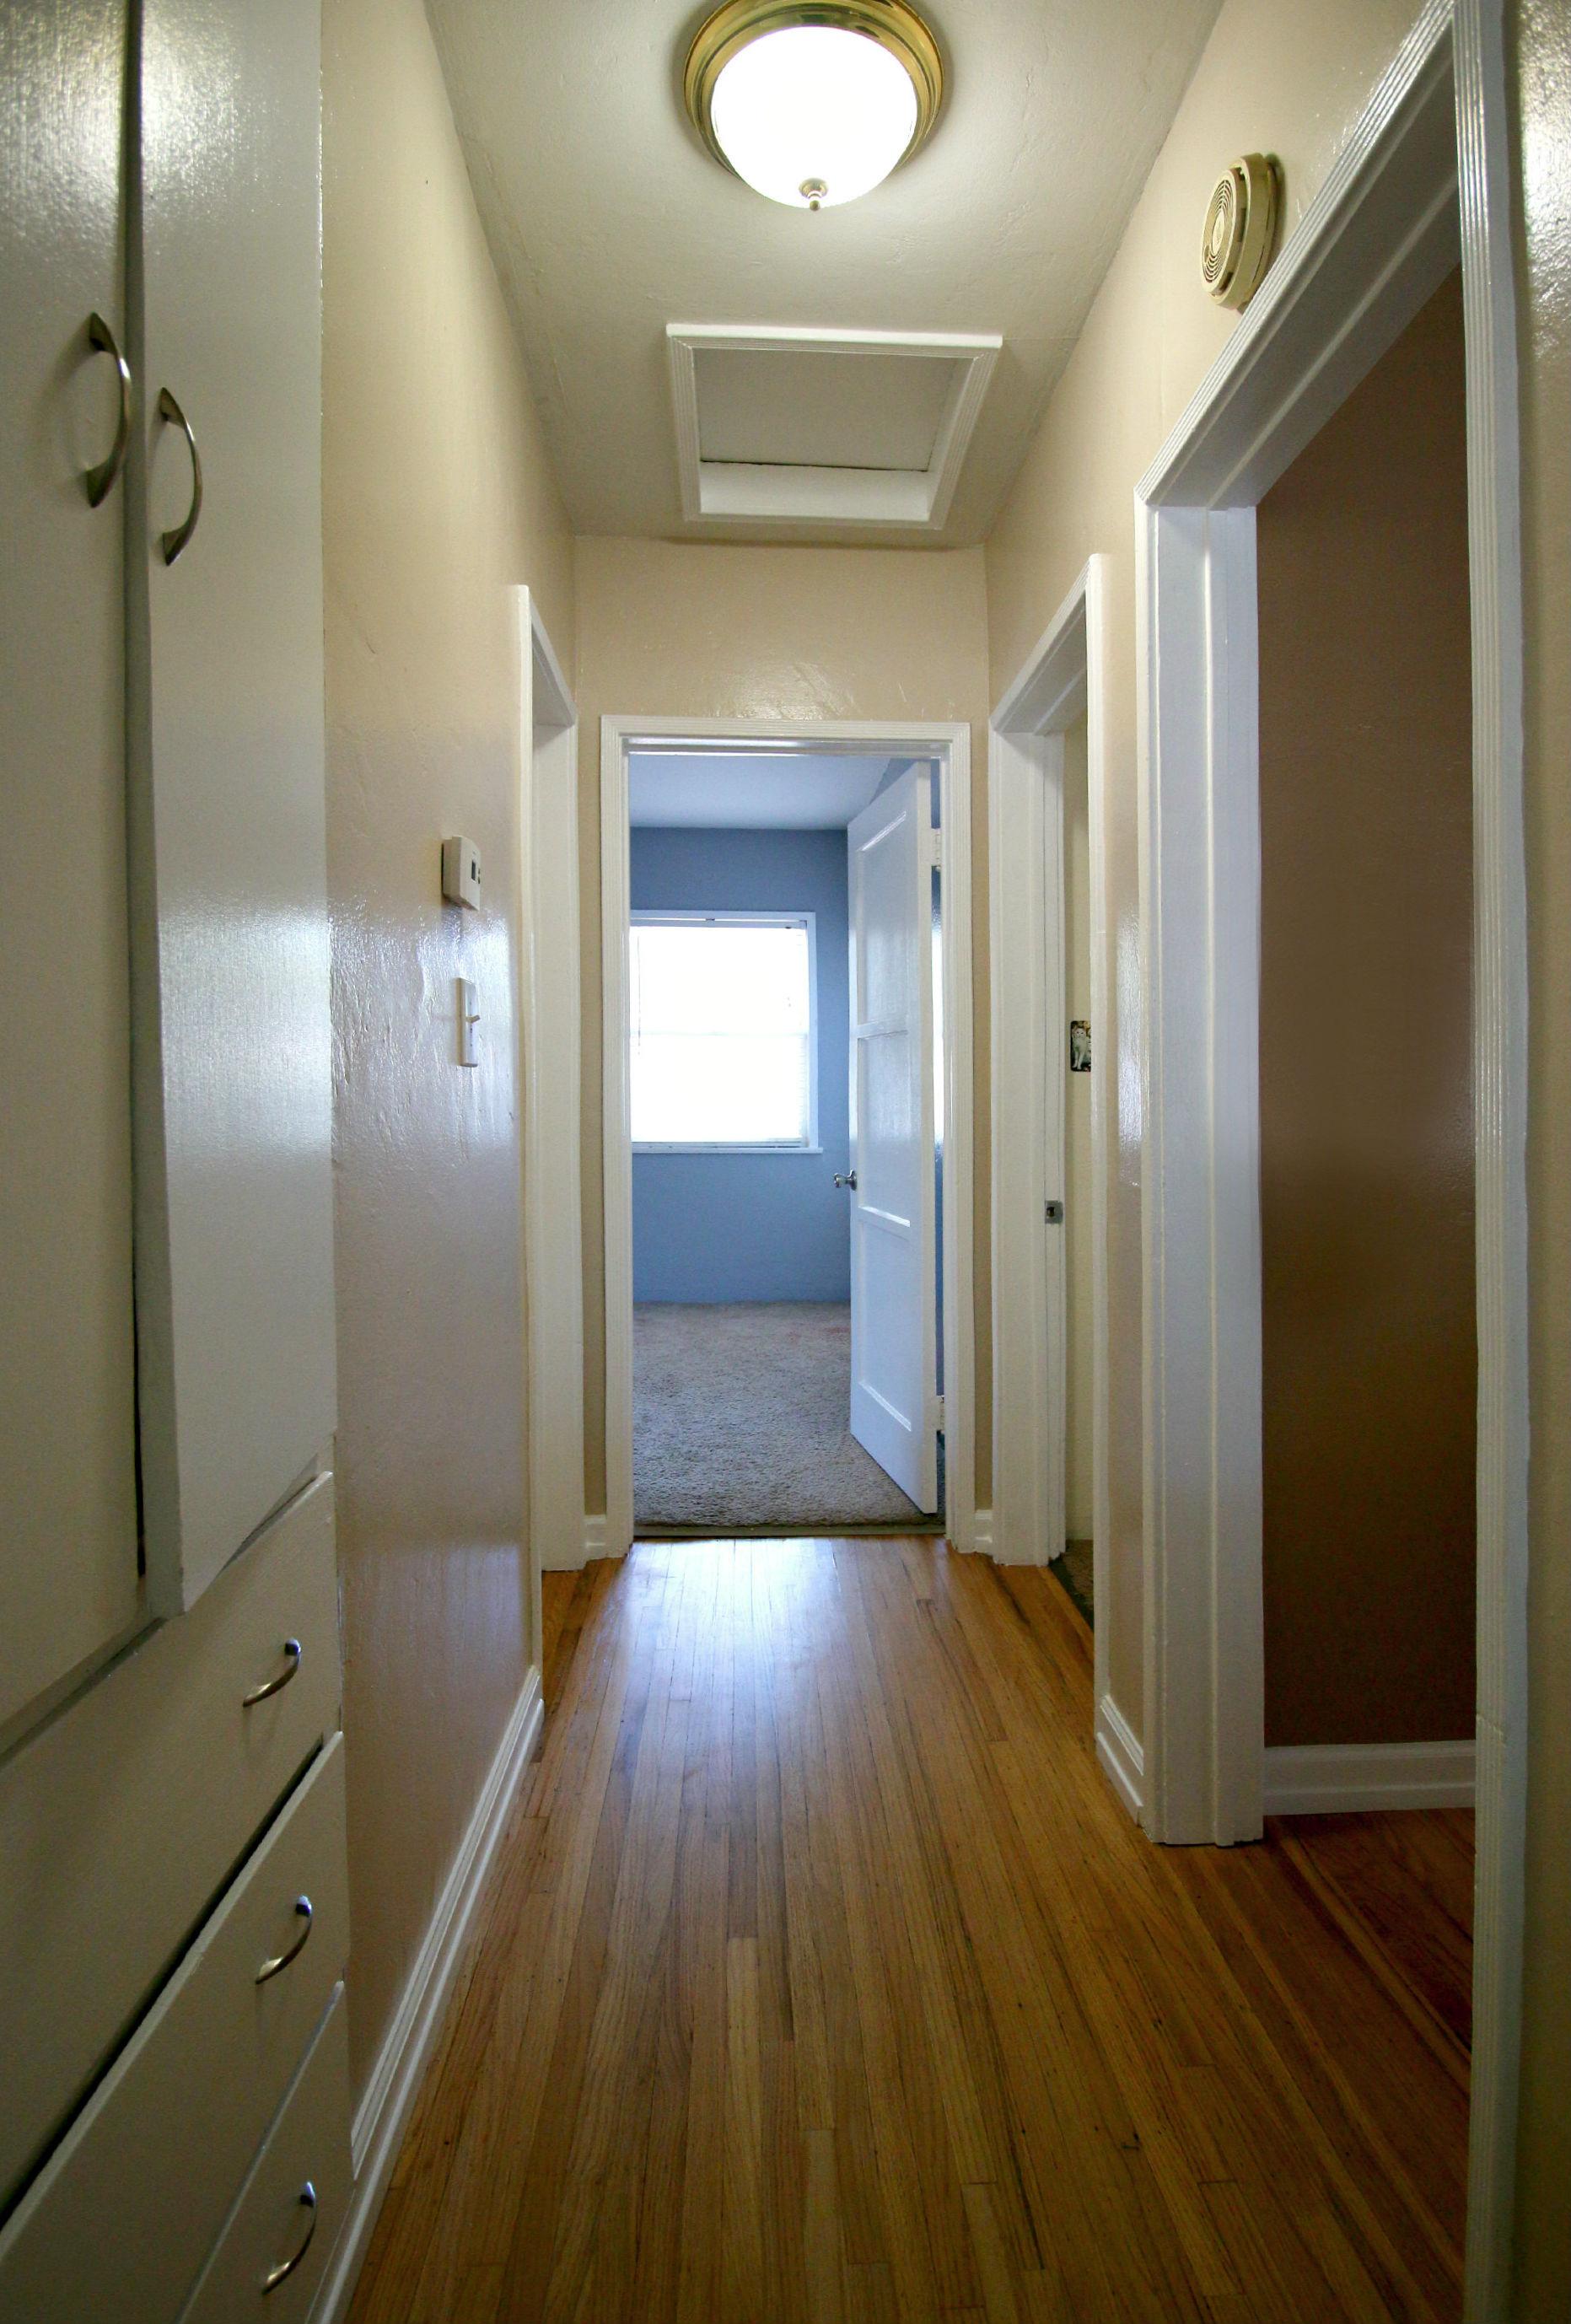 Hallway with newly refinished hardwood flooring.